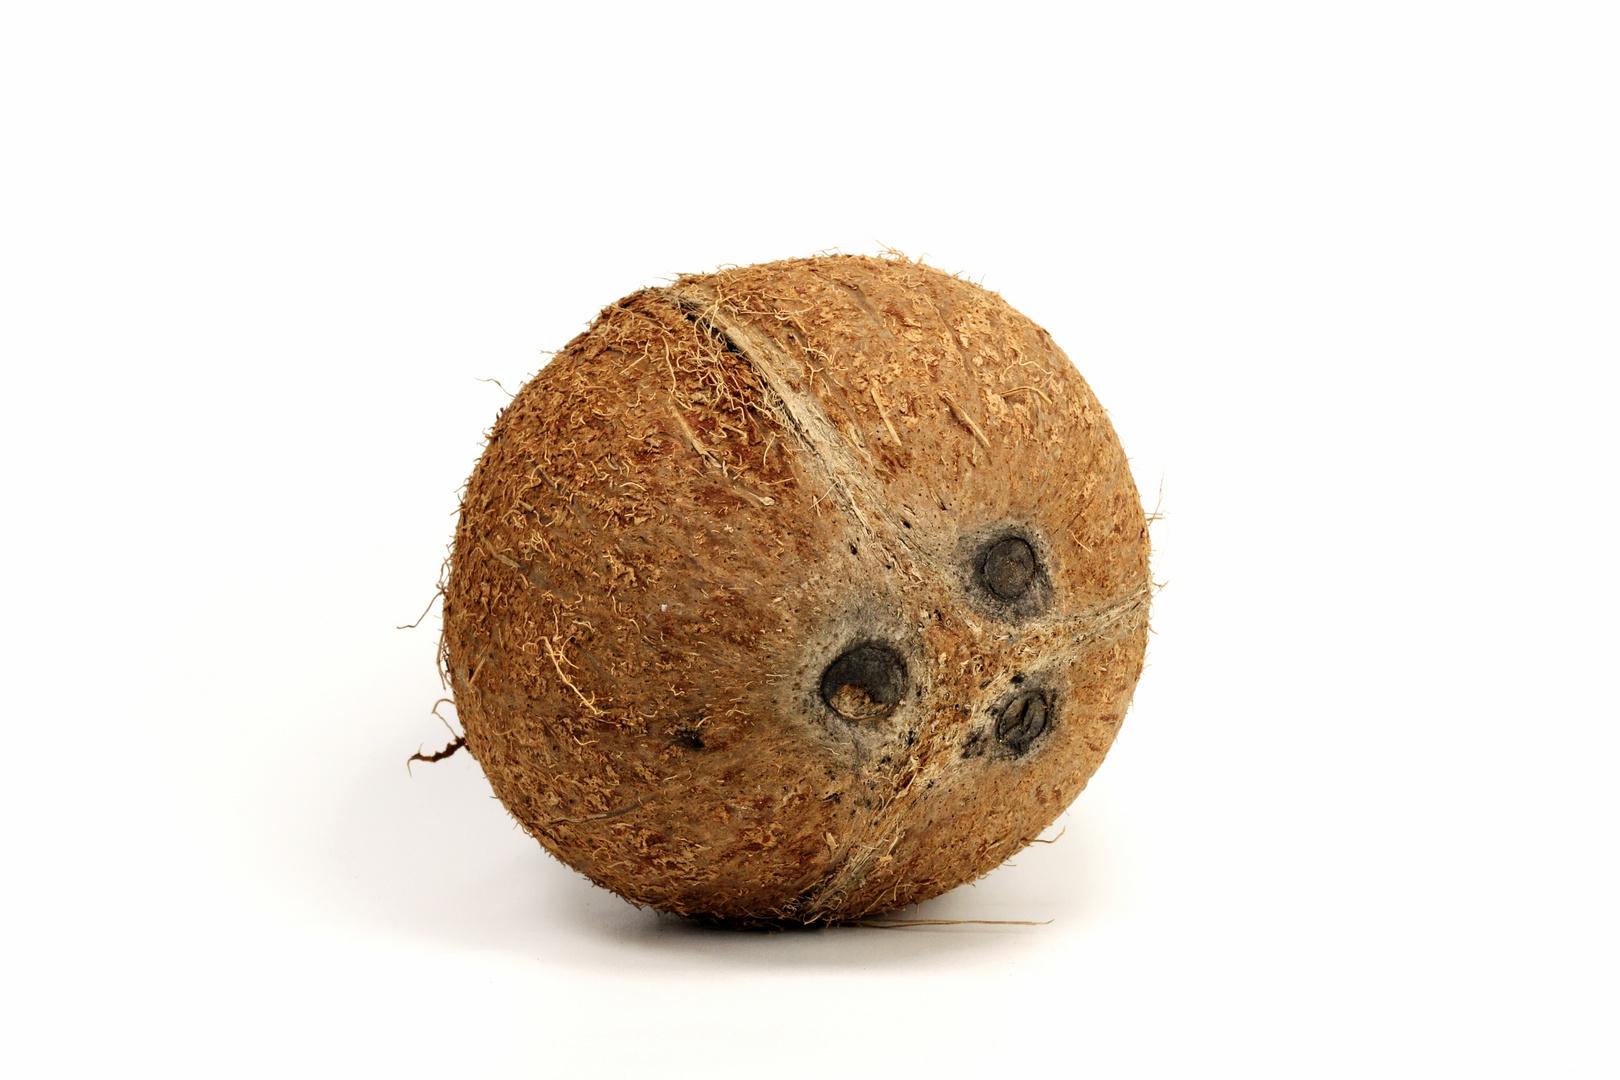 Kokosnuß d